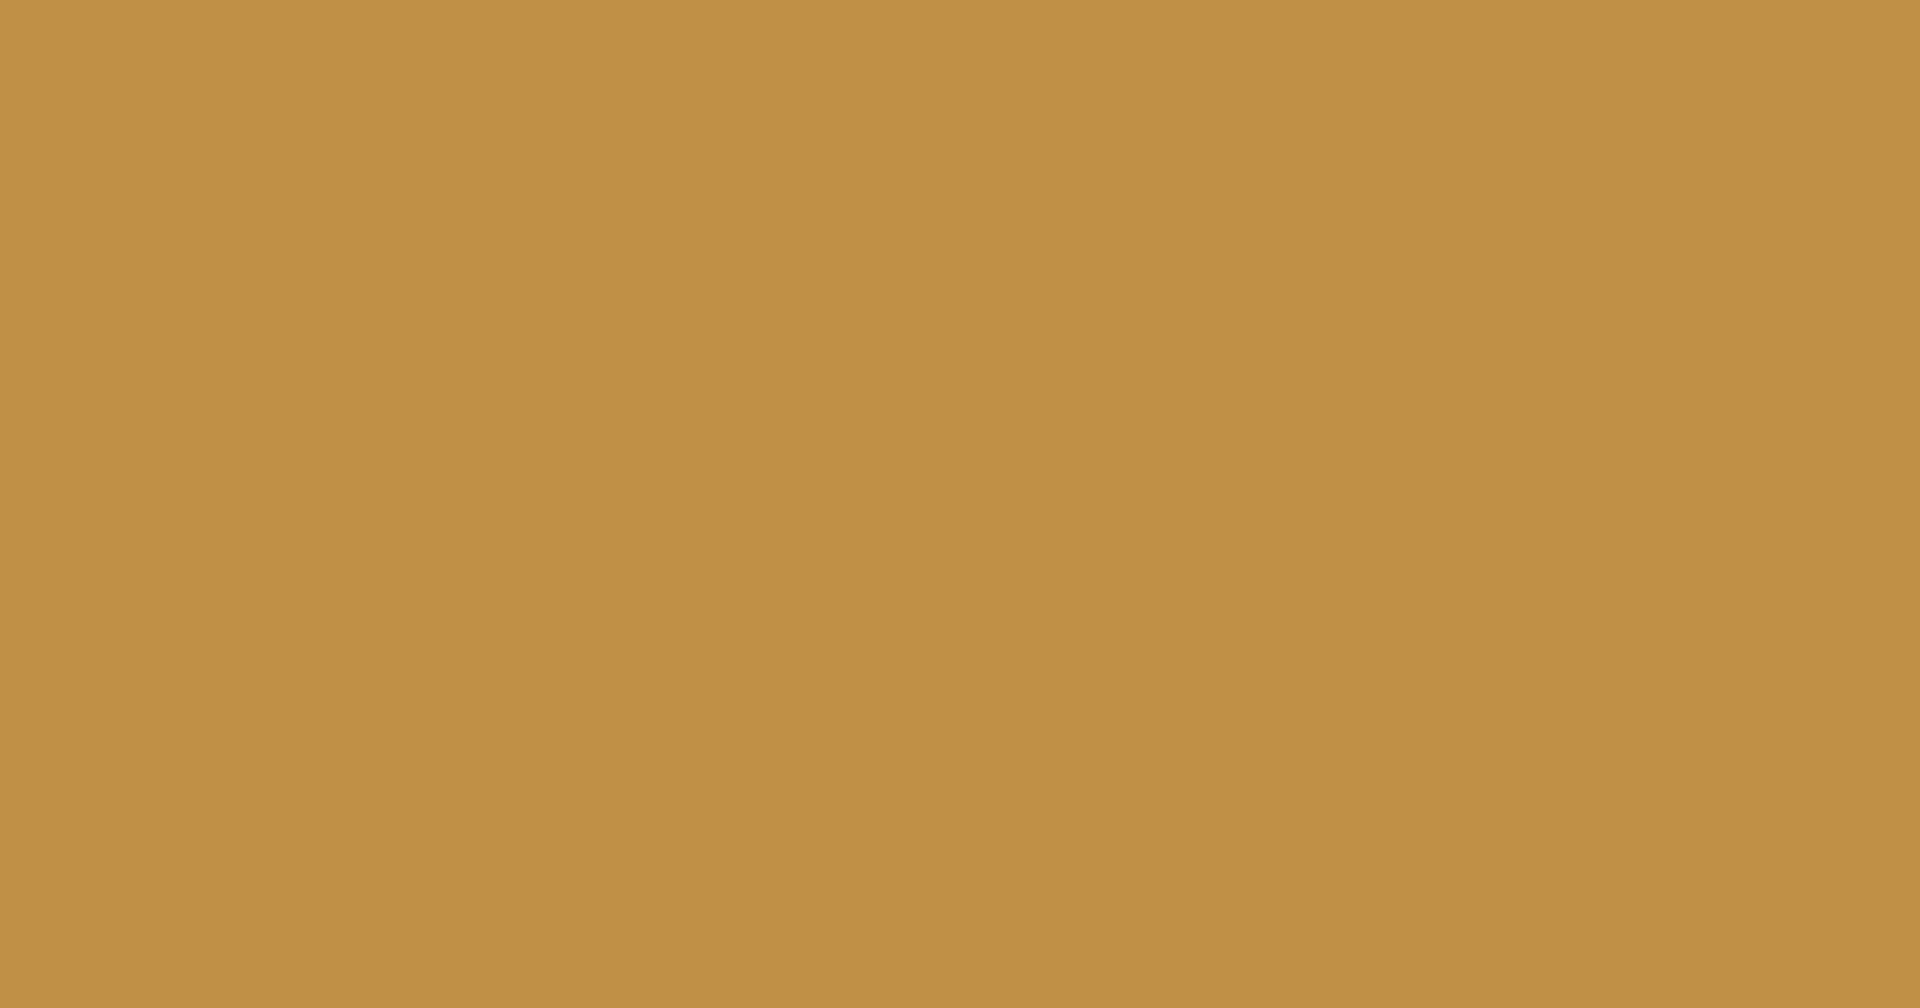 Kneipe, Restaurant, Cafe, Wirtschaft, Bamberg, Weltkulturerbe, Unesco, Vegan, Vegetarisch, Burger, Pizza, Salat, Essen, Trinken, Spirituosen, Bier, Brauerei, Musik, Tatort, Sonntag, Quiz, Plattentreffen, Stil, Bruch, Frosch, Sandstraße, Bayern, Franken, Öffnungszeiten, lecker, Markt, frisch, DJ, Tageskarte, Sandkerwa, speisekarte, Events